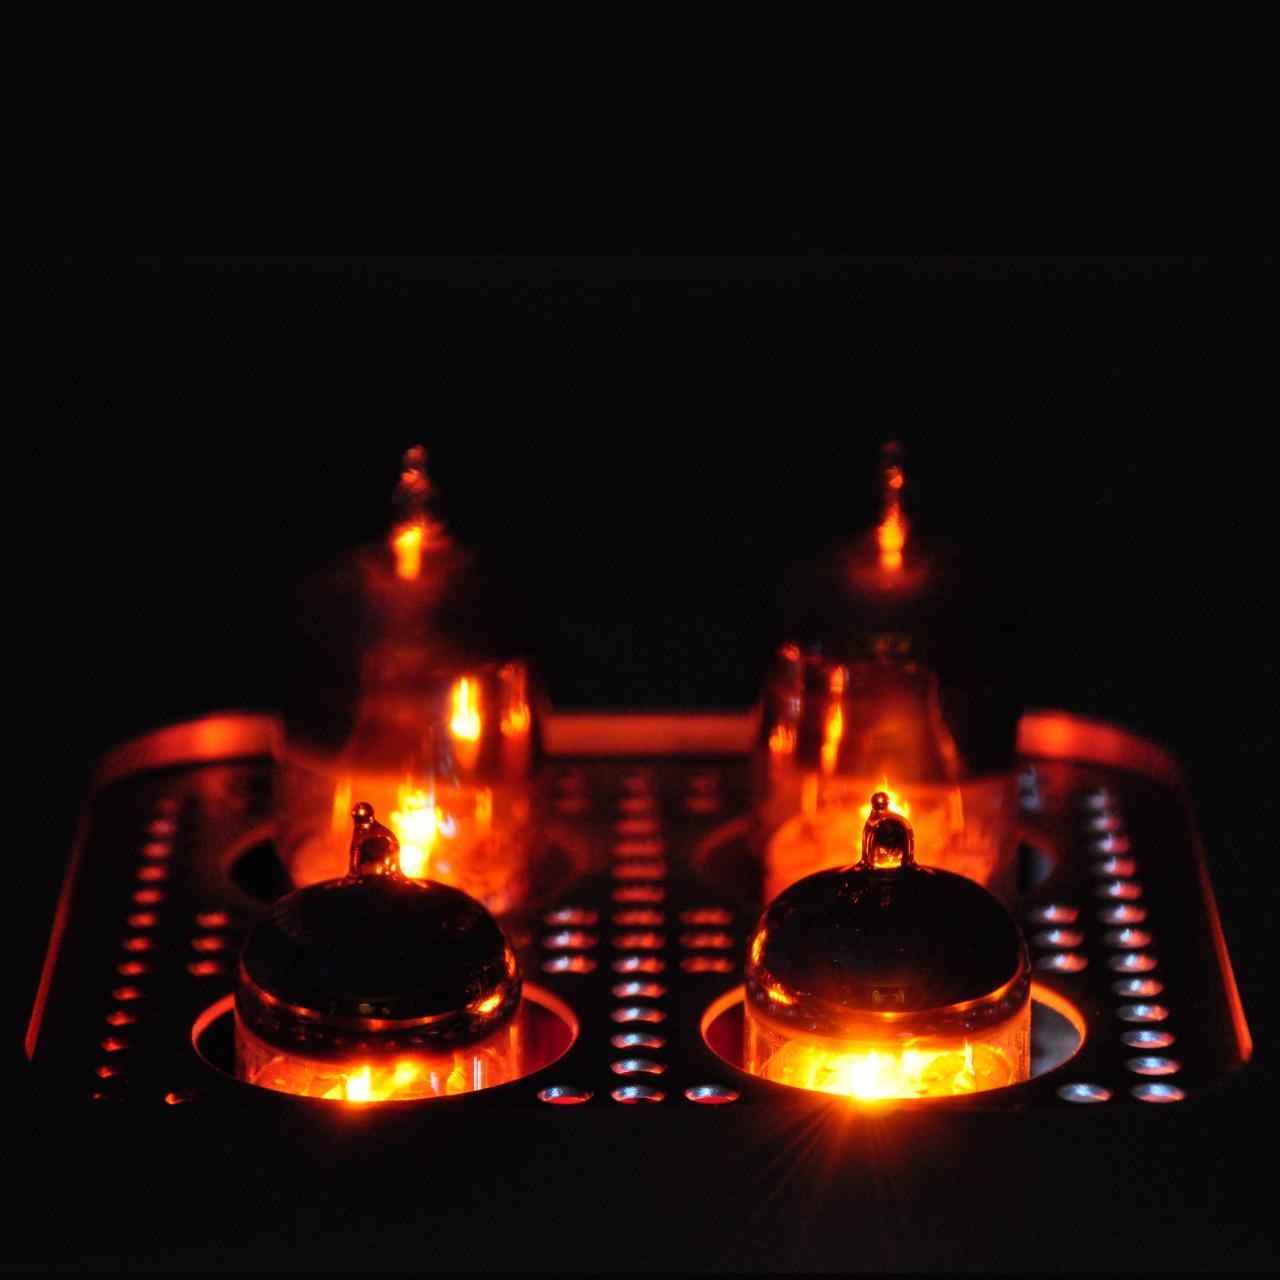 Glowing Schiit Valhalla.